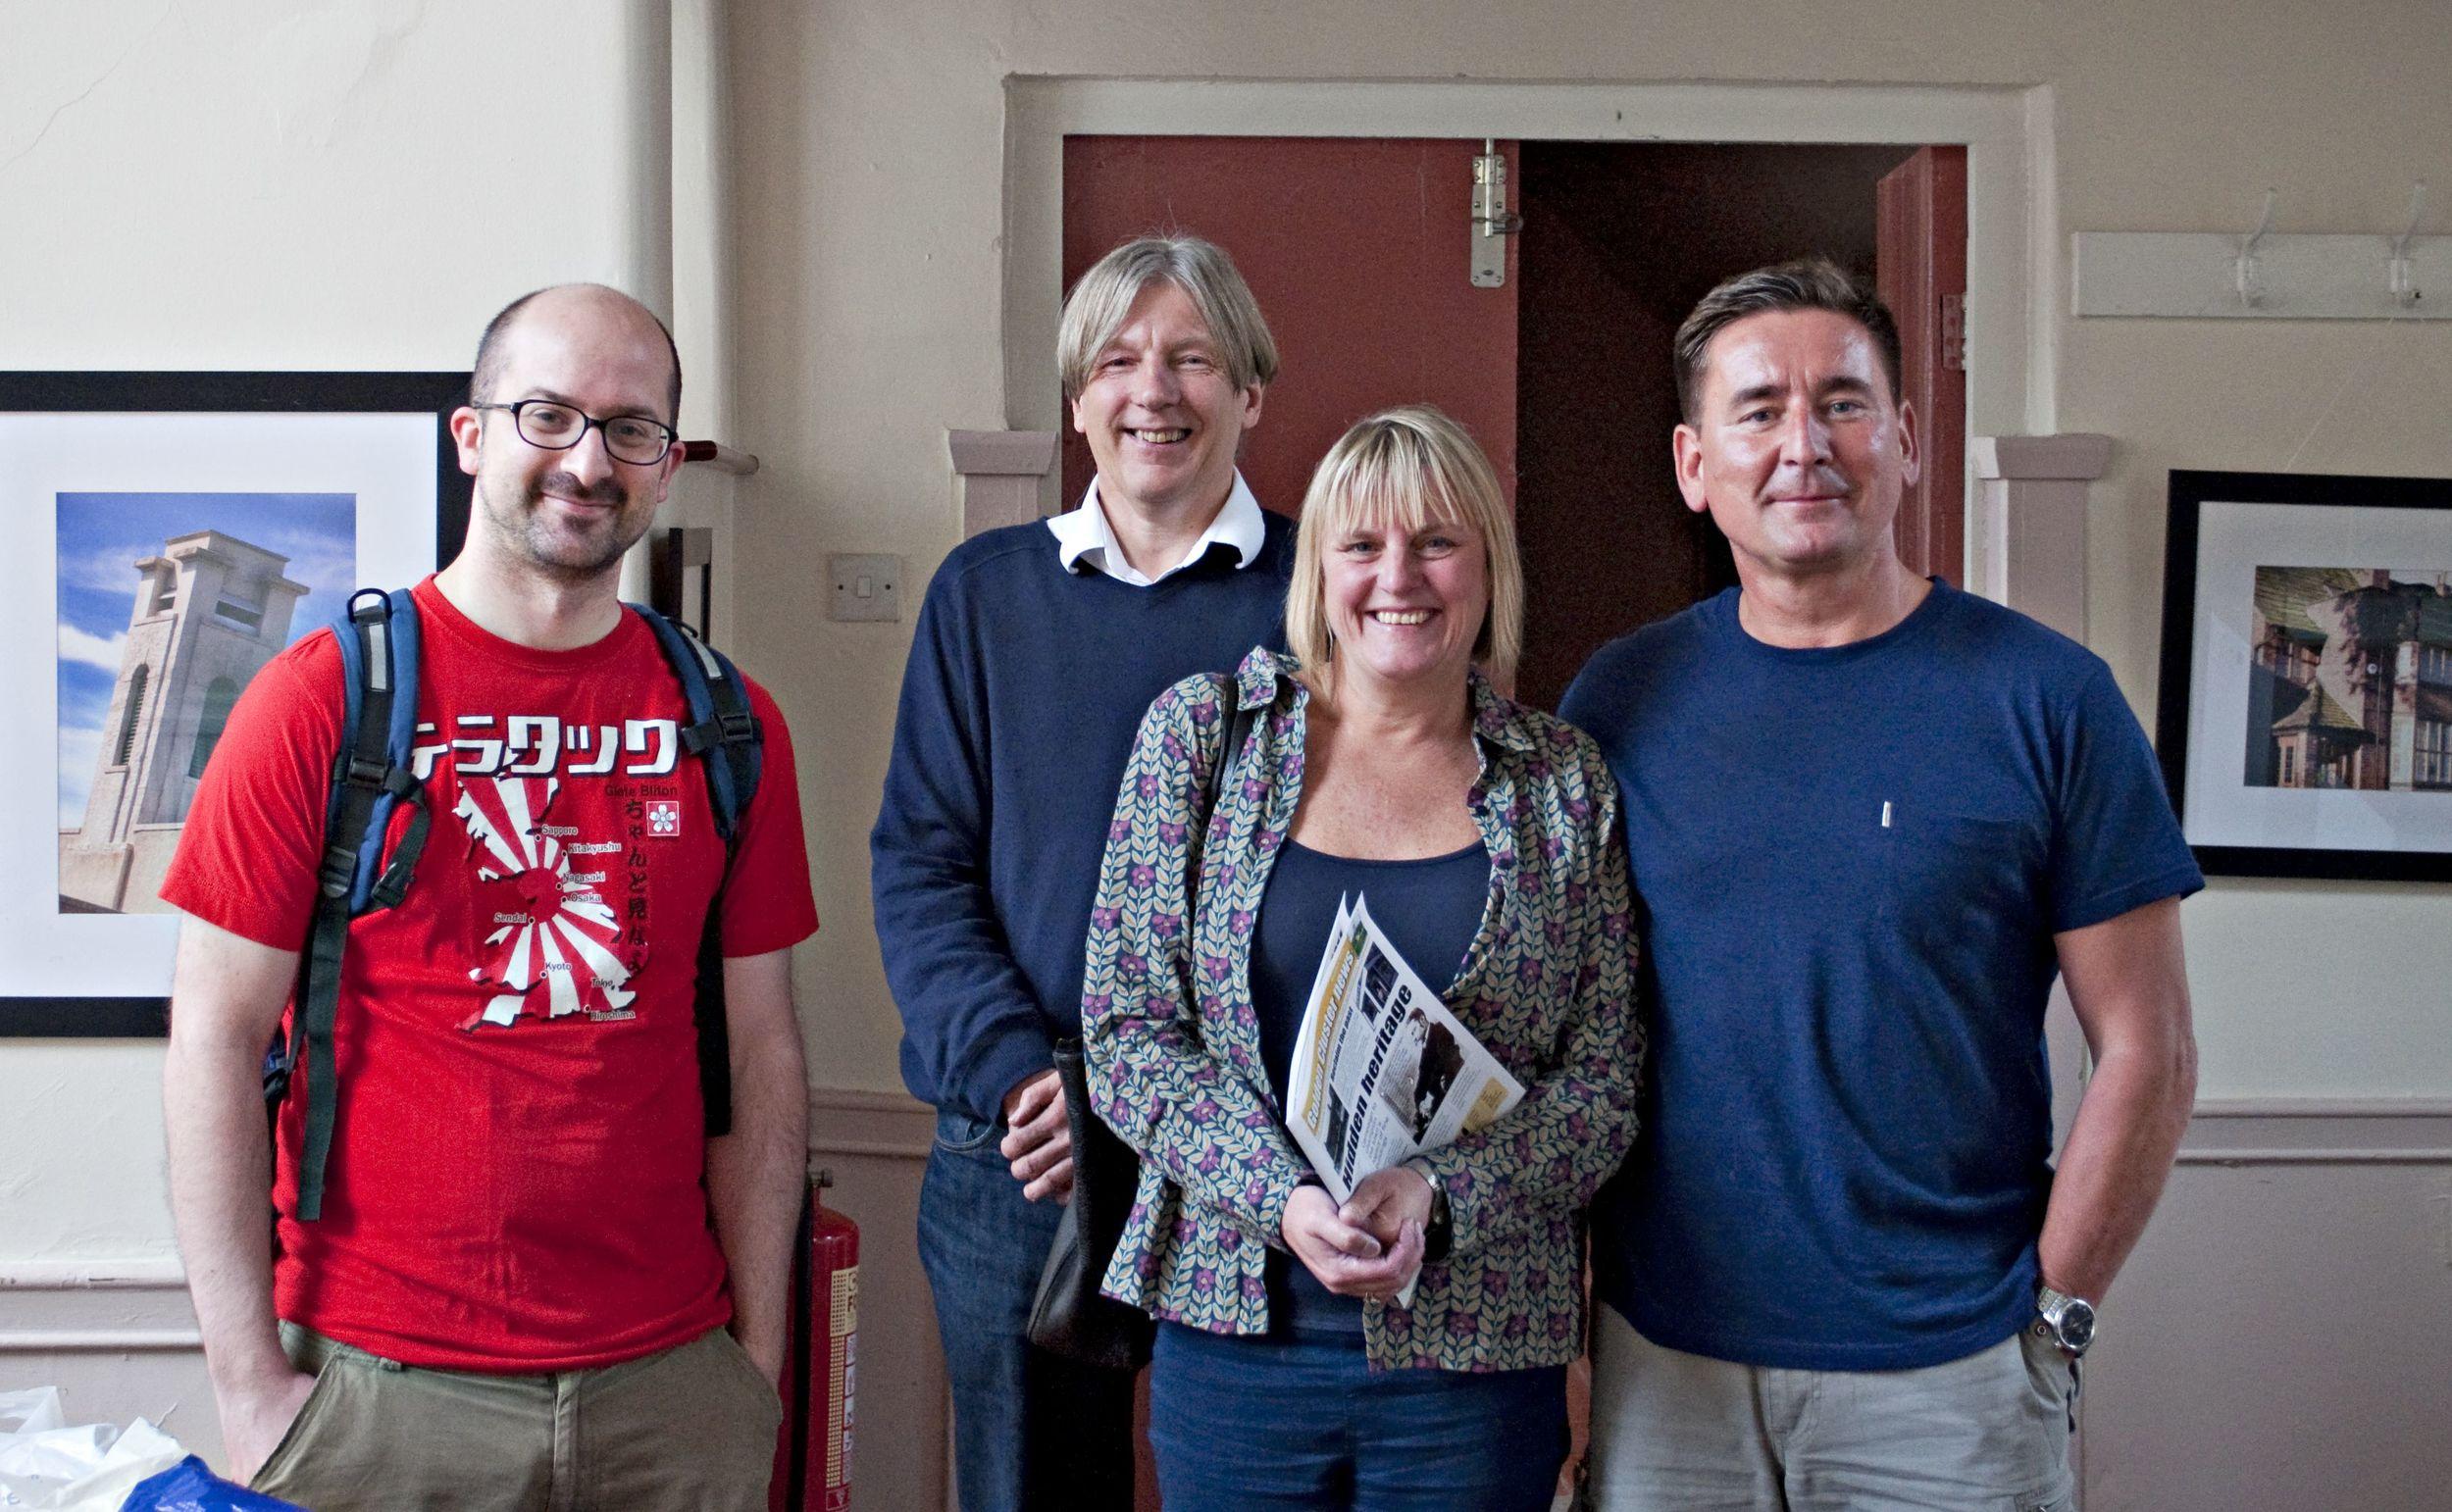 Nick, David, Jo and Sean at Long Street Methodist Church